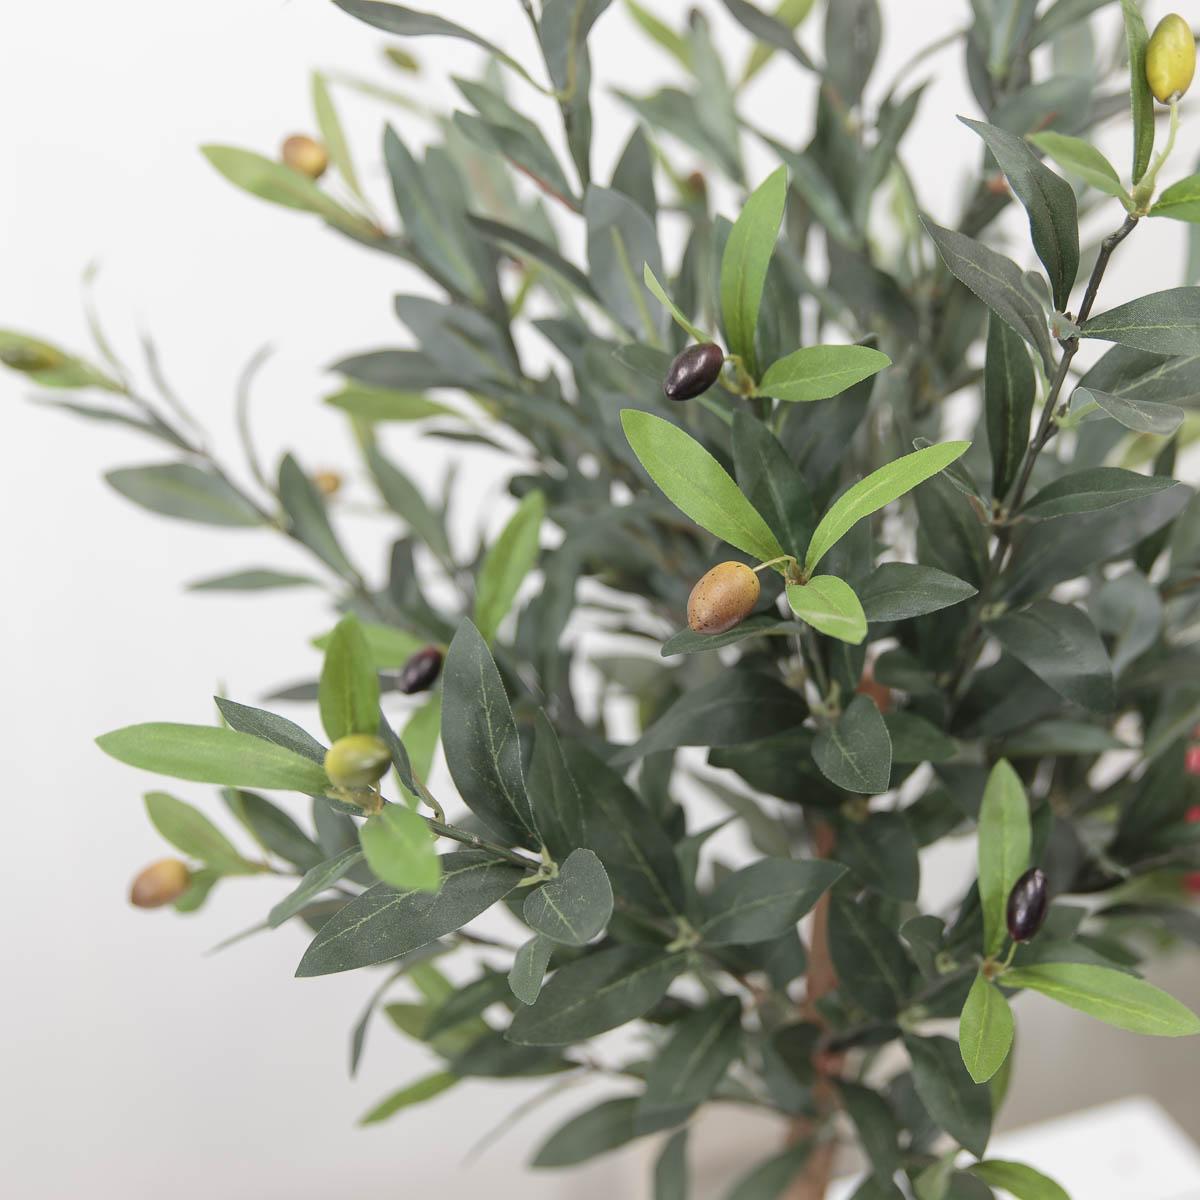 올리브조화 인테리어인조나무 85cm 식물조화 인조화분 올리브열매 디테일